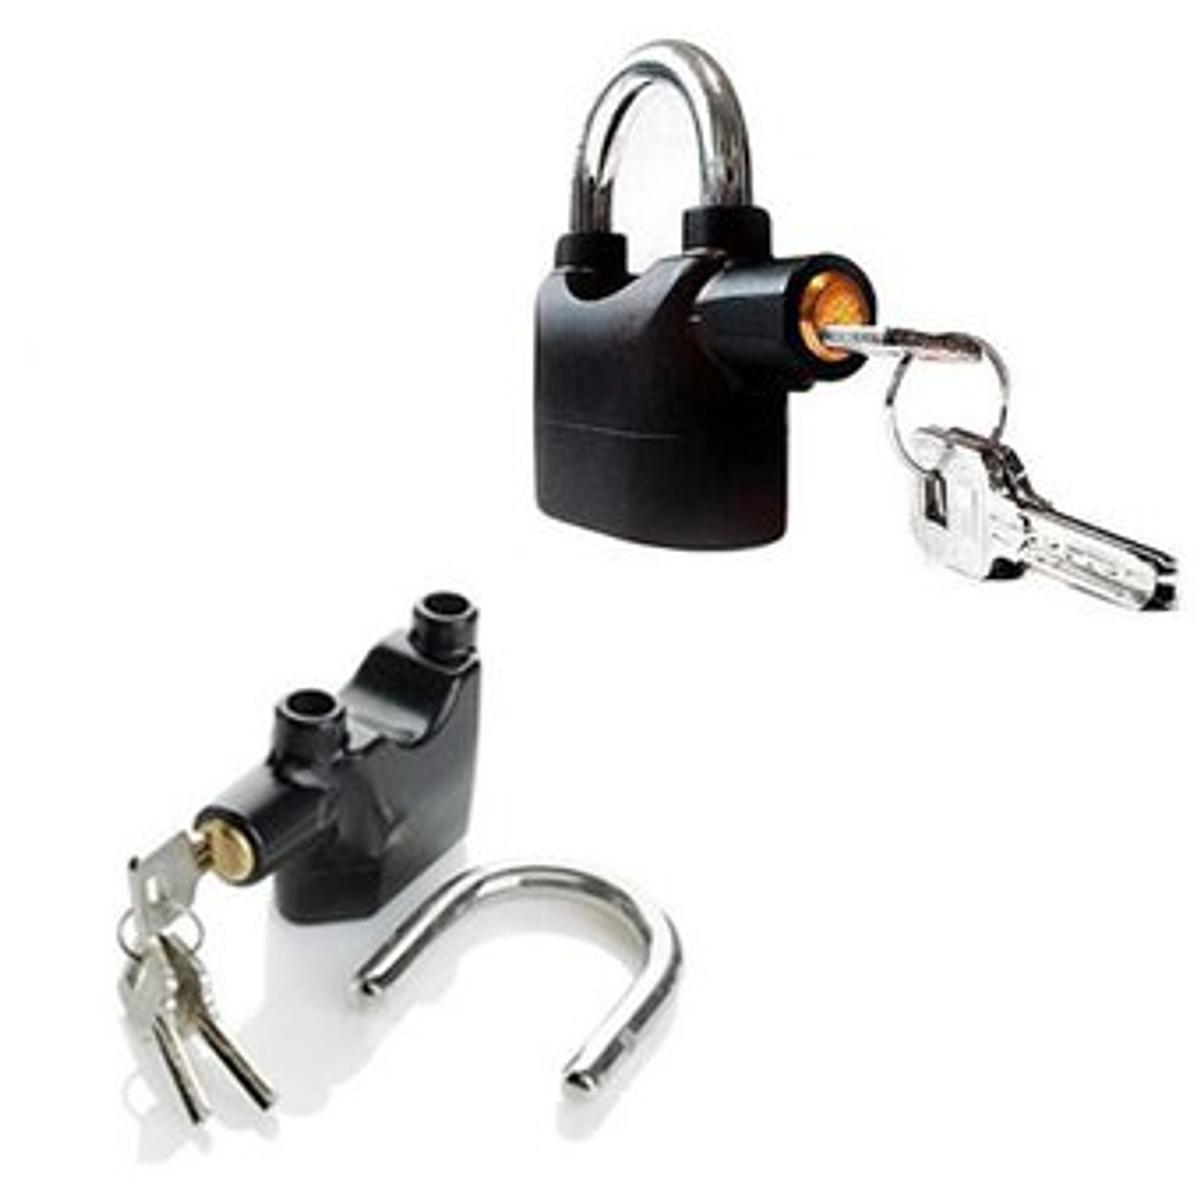 Candado anti robo con alarma de 110db negro - Robo de cocina ...